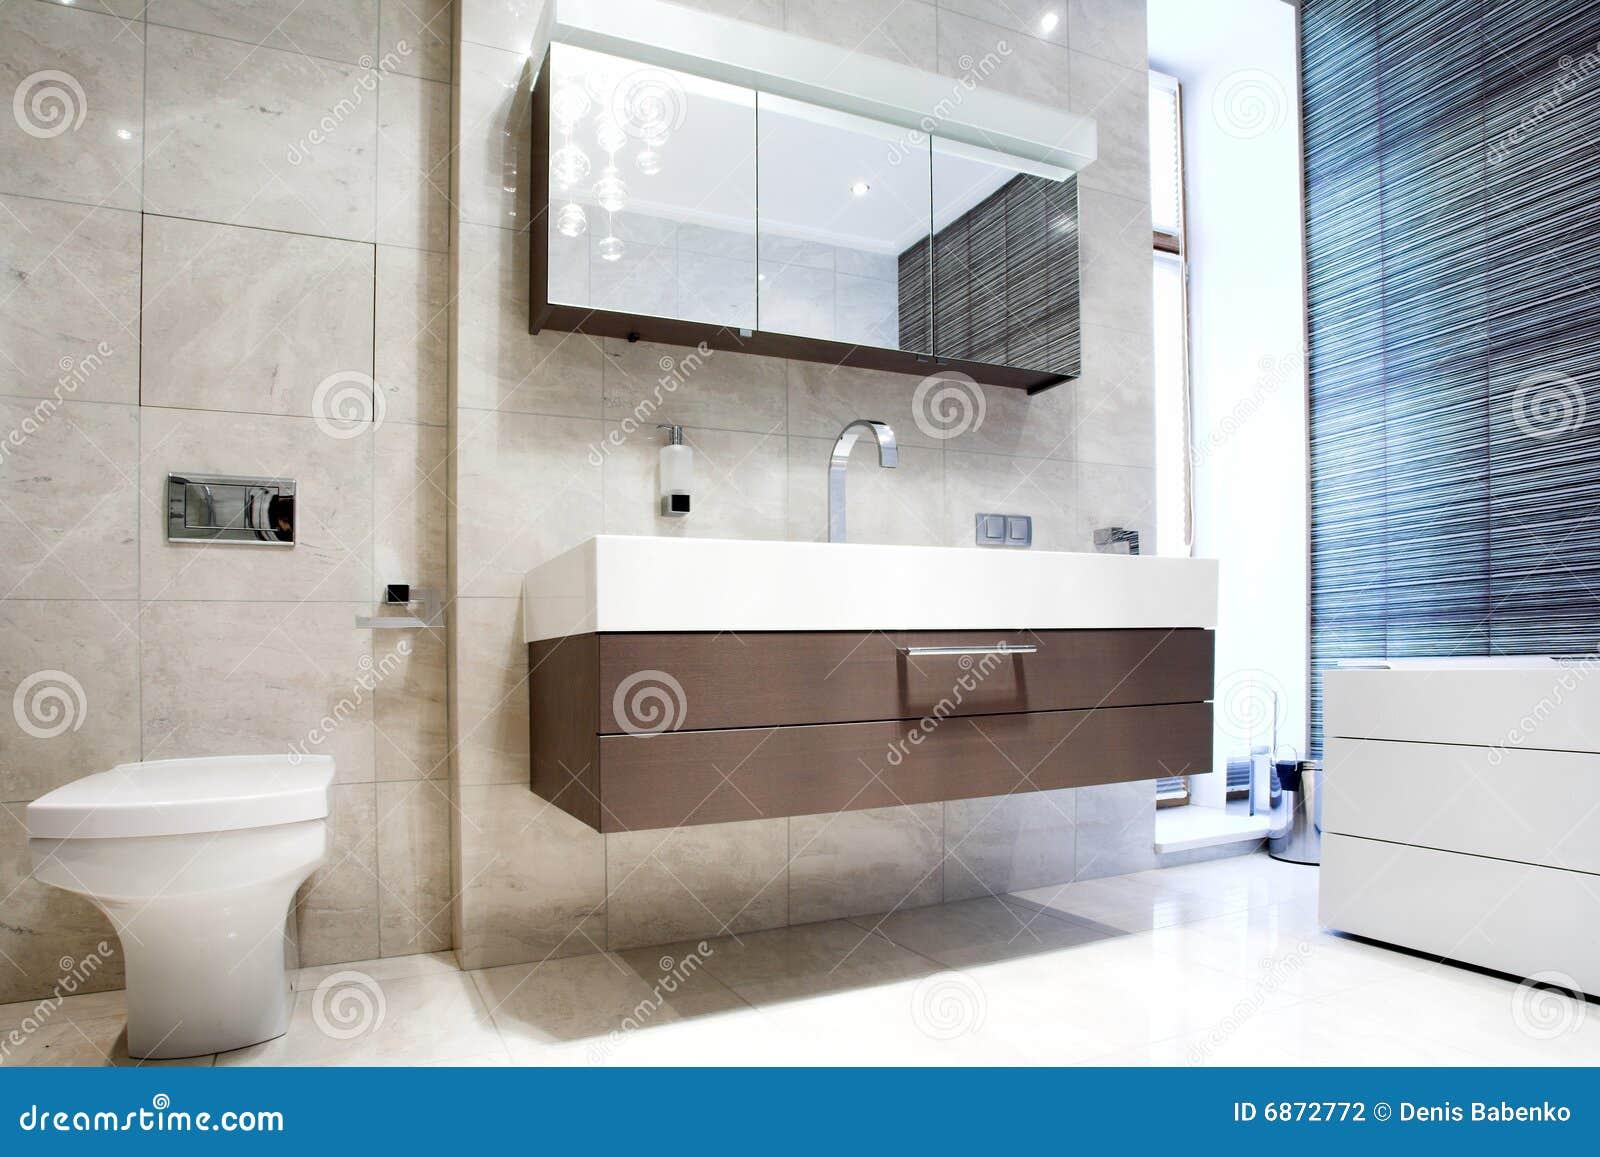 Banheiro Com Espelho E Bandeja Fotografia de Stock Imagem: 6872772 #3E6C8D 1300x957 Armario Banheiro Ponto Frio